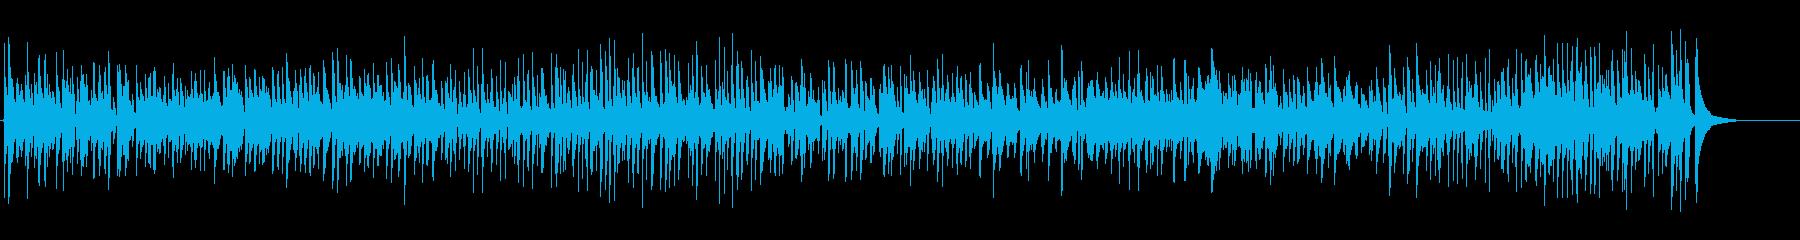 定番クリスマスソングをクラシックギターでの再生済みの波形